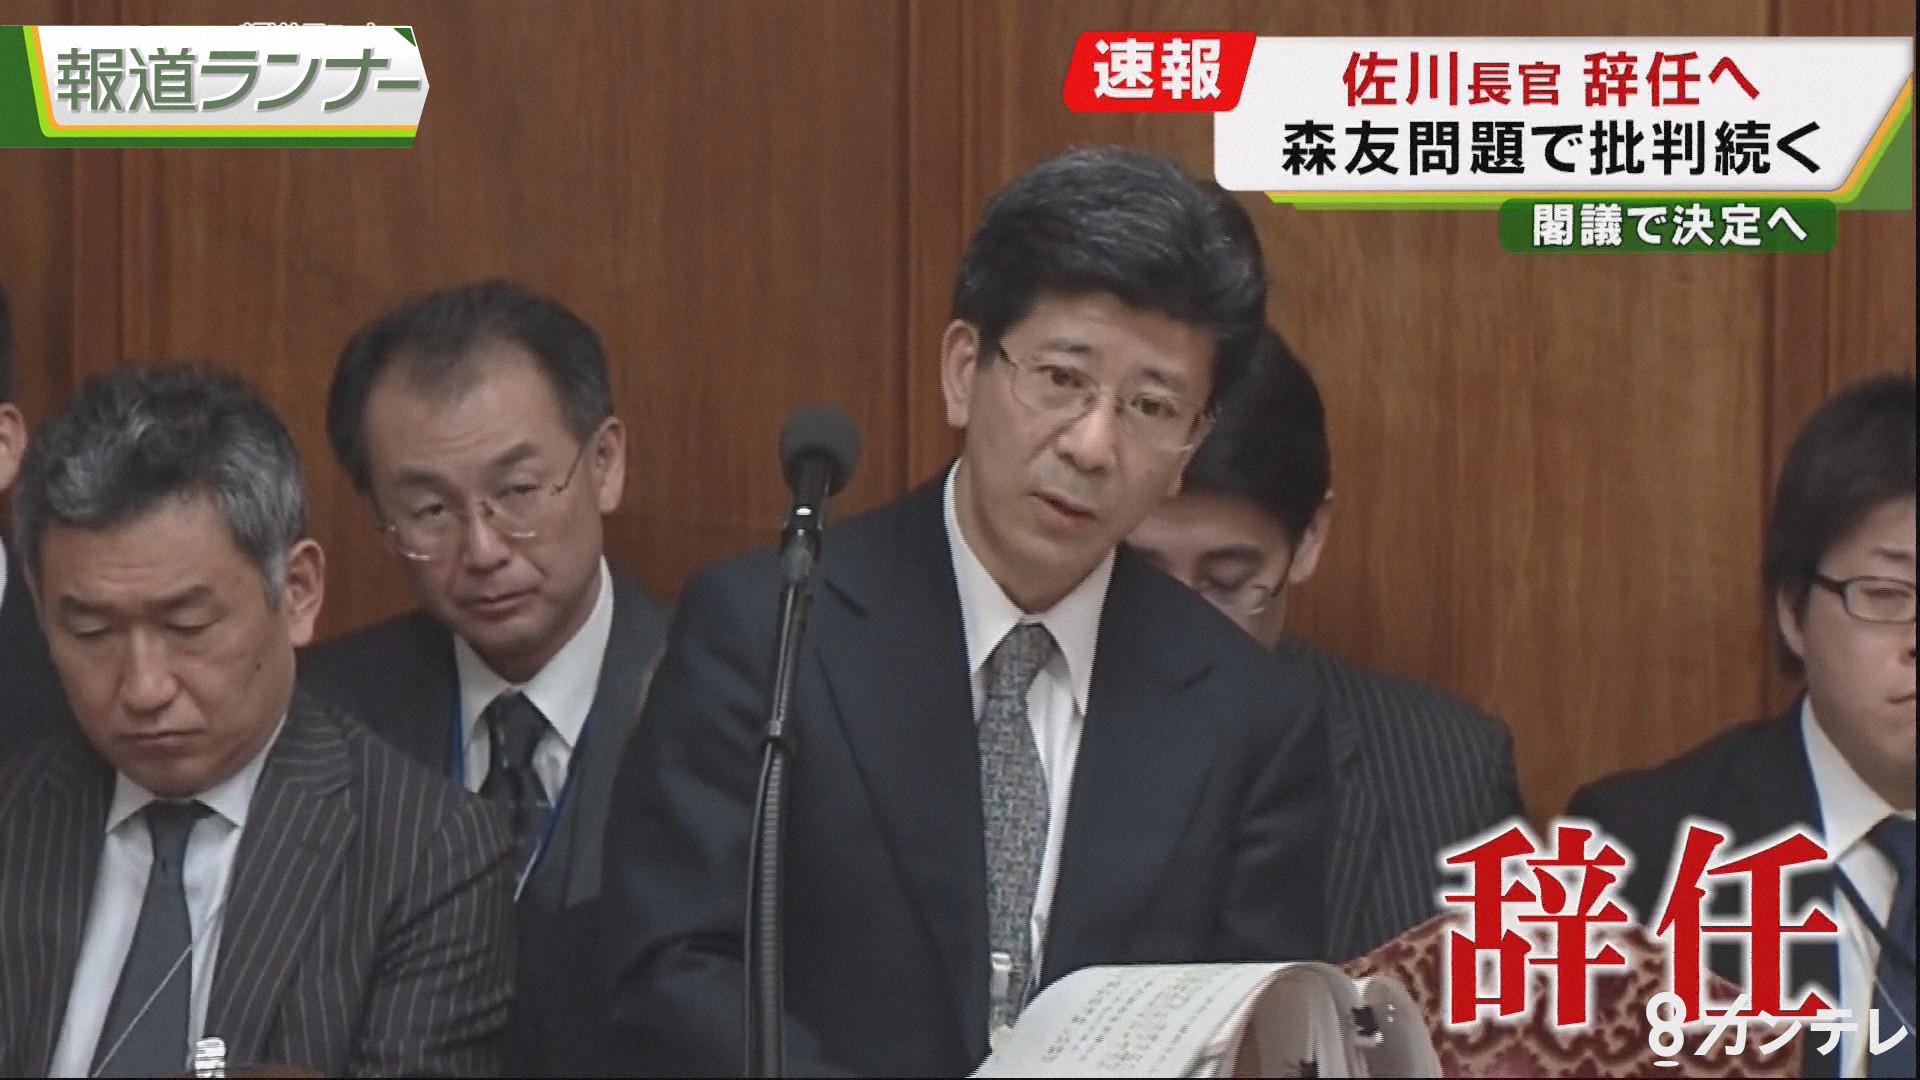 佐川国税庁長官が辞任…森友問題で国会混乱 近畿財務局職員自殺か